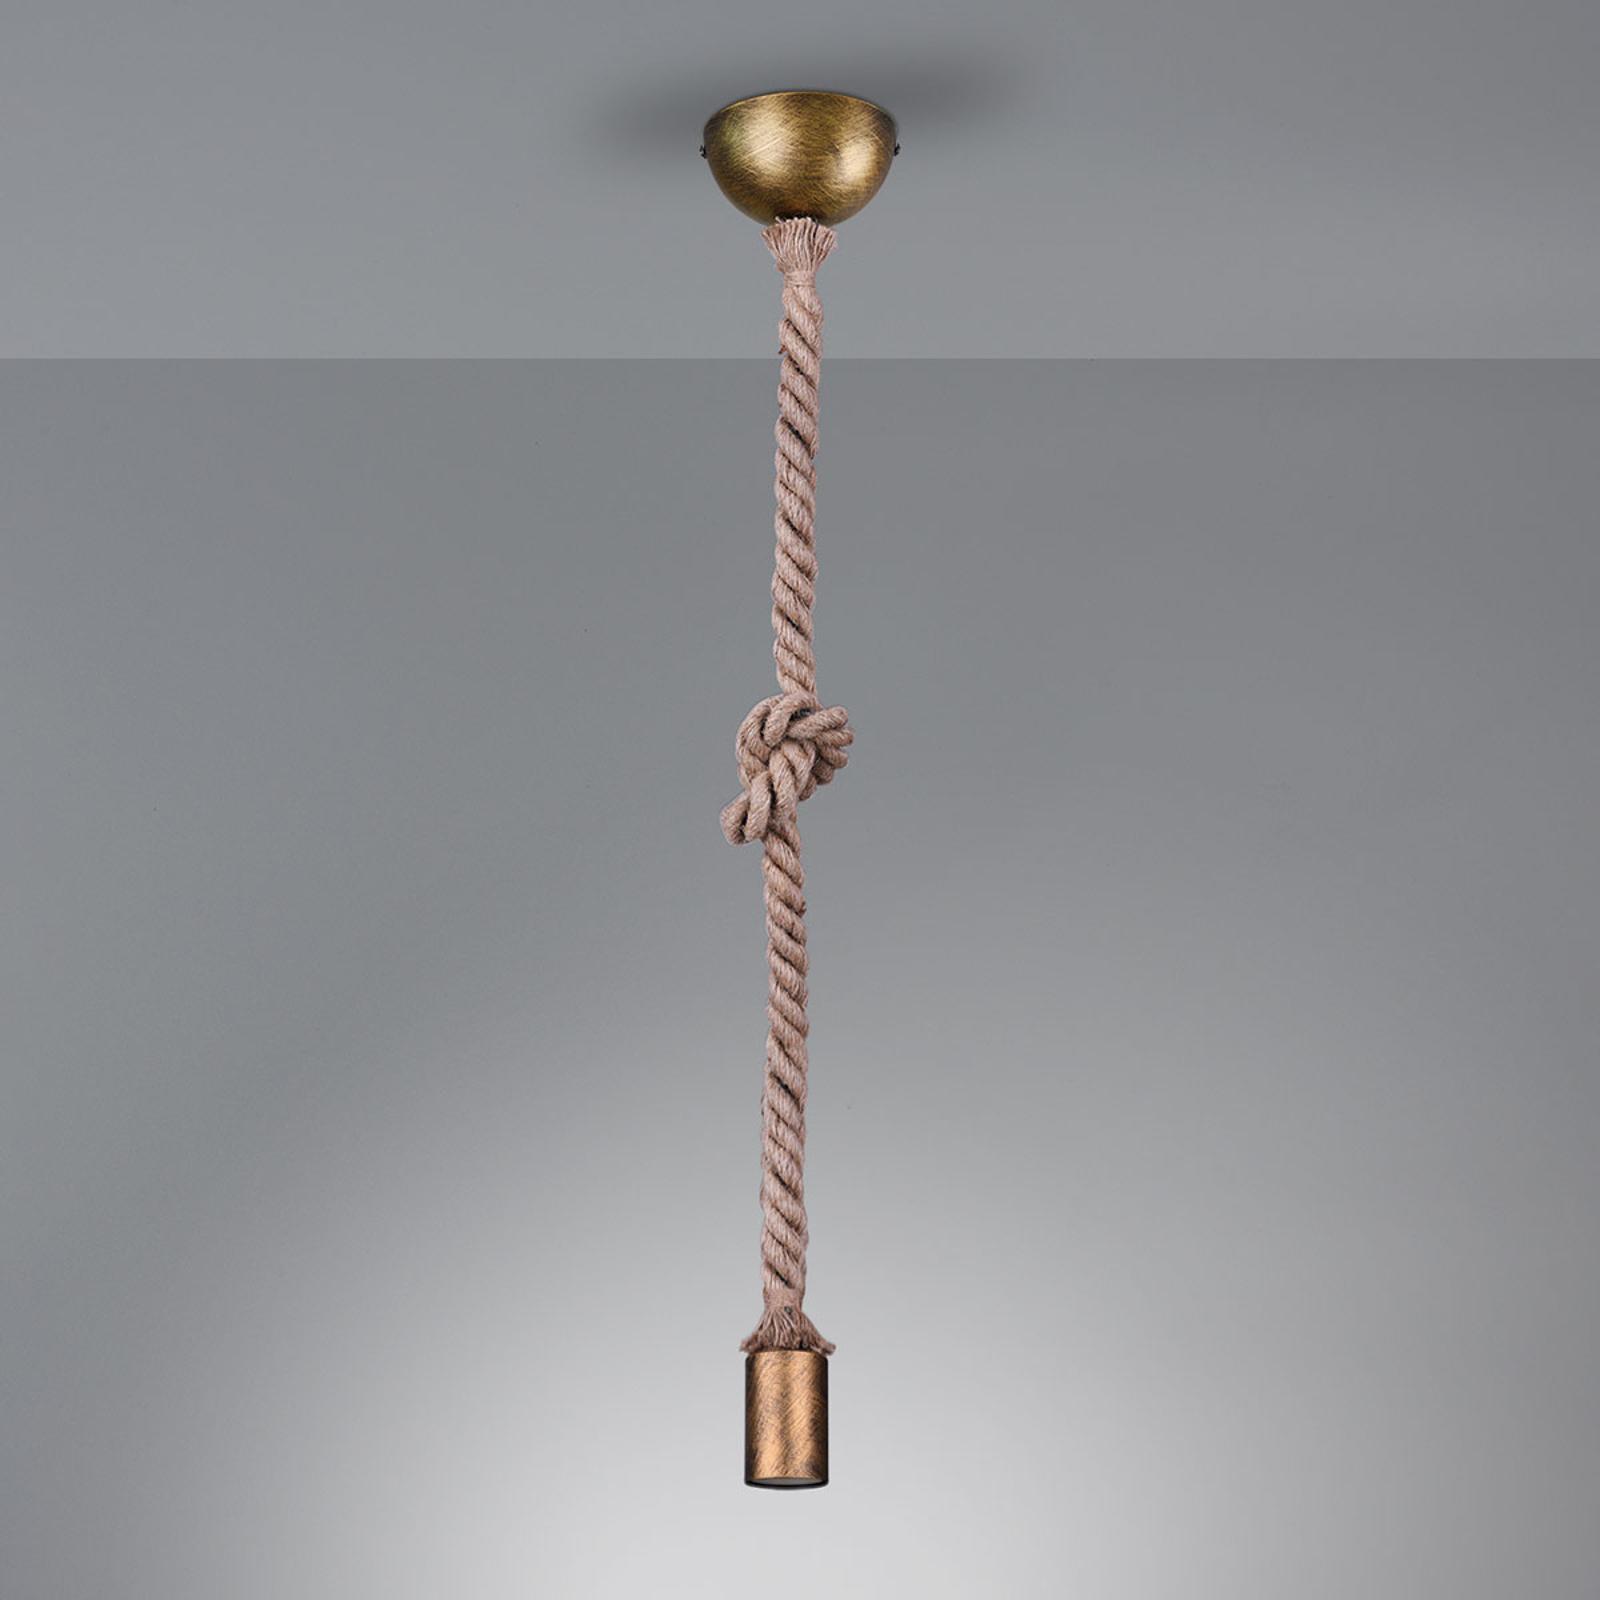 Suspension Rope avec corde décorative 1lampe